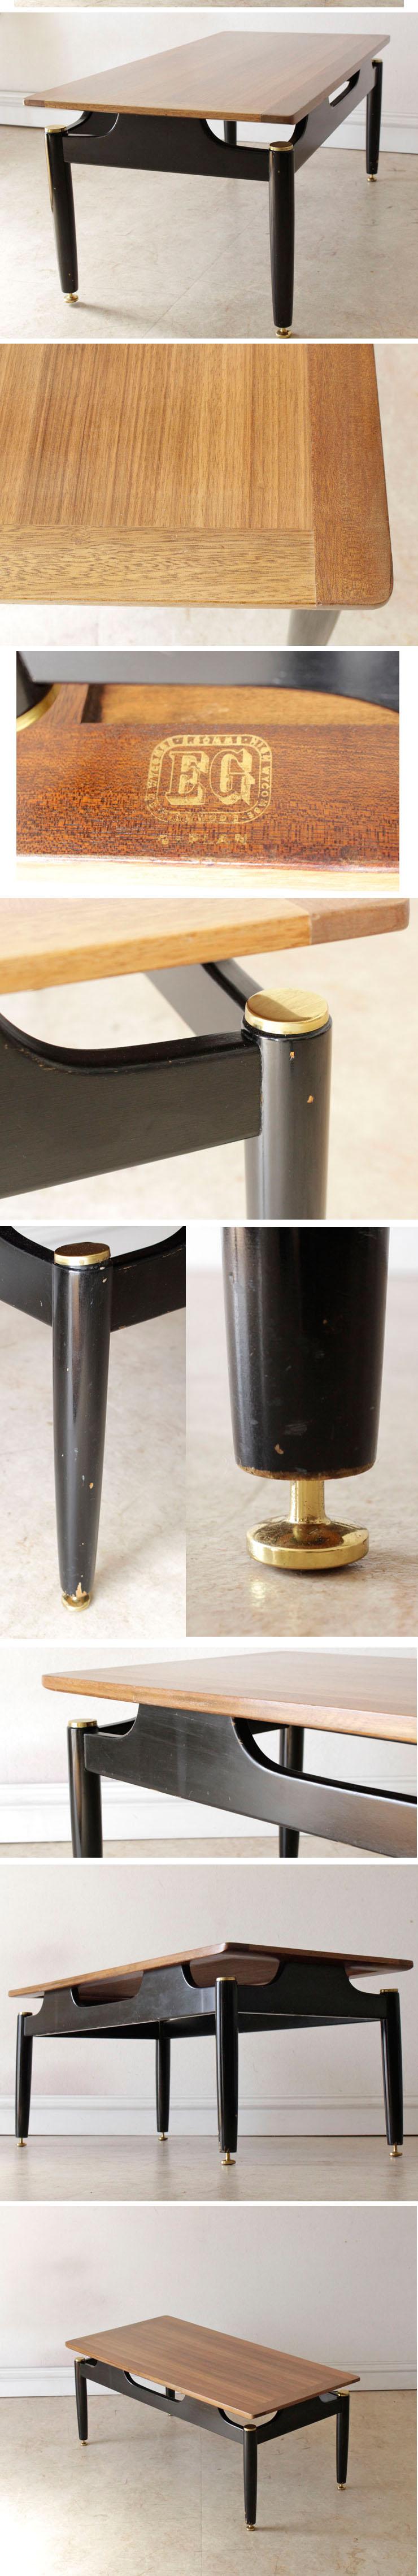 G-plan・ジープラン・コーヒーテーブル・チーク・アンティーク・ビンテージ・ミッドセンチュリー